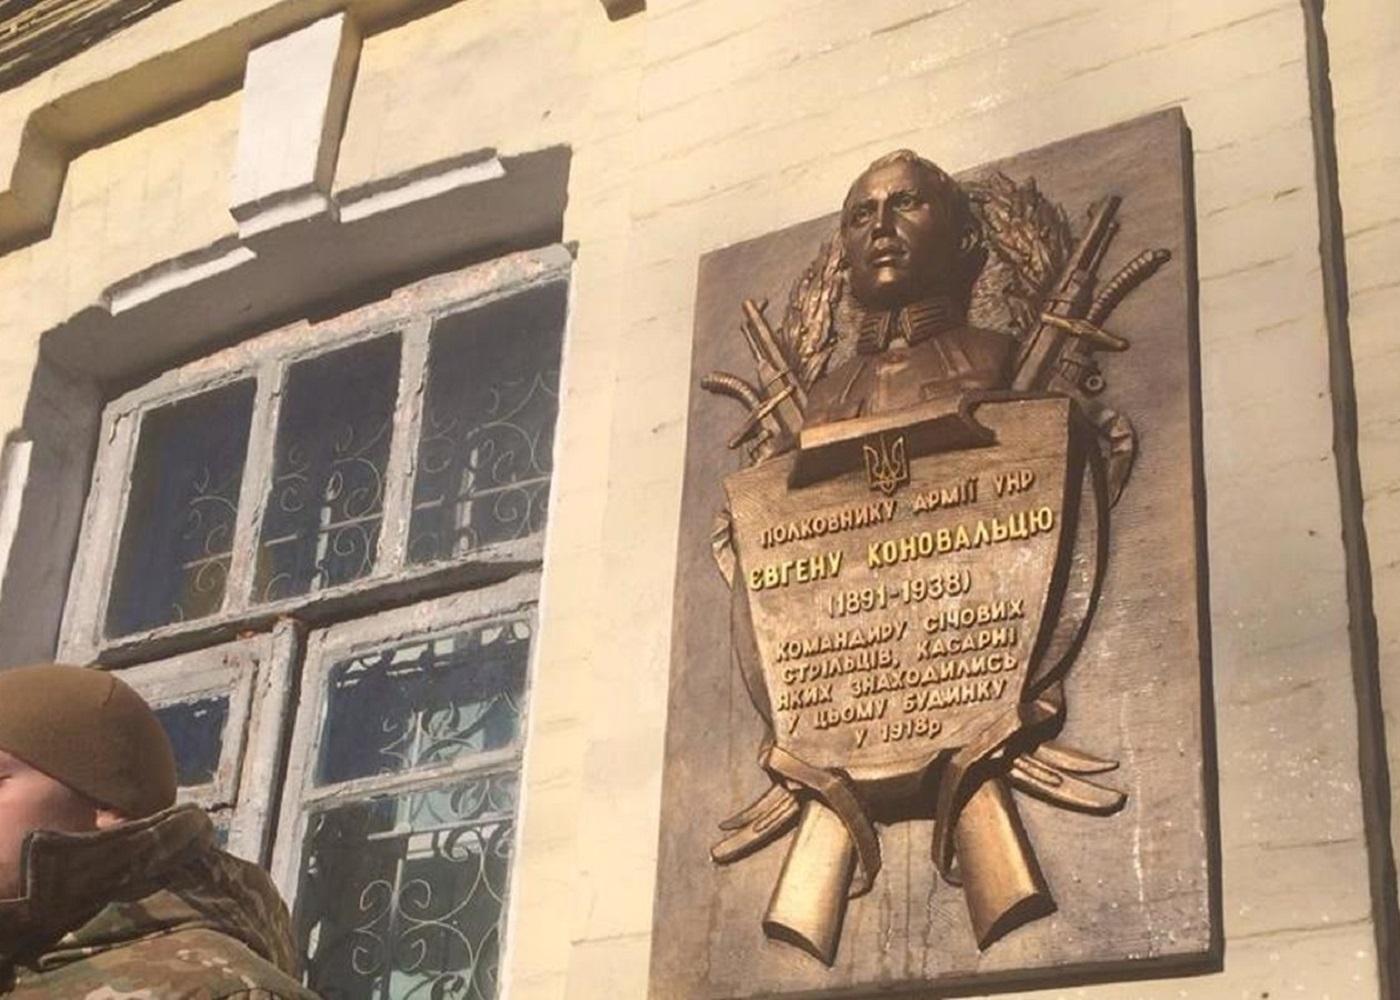 Меморіальна дошка Євгену Коновальцю в Києві